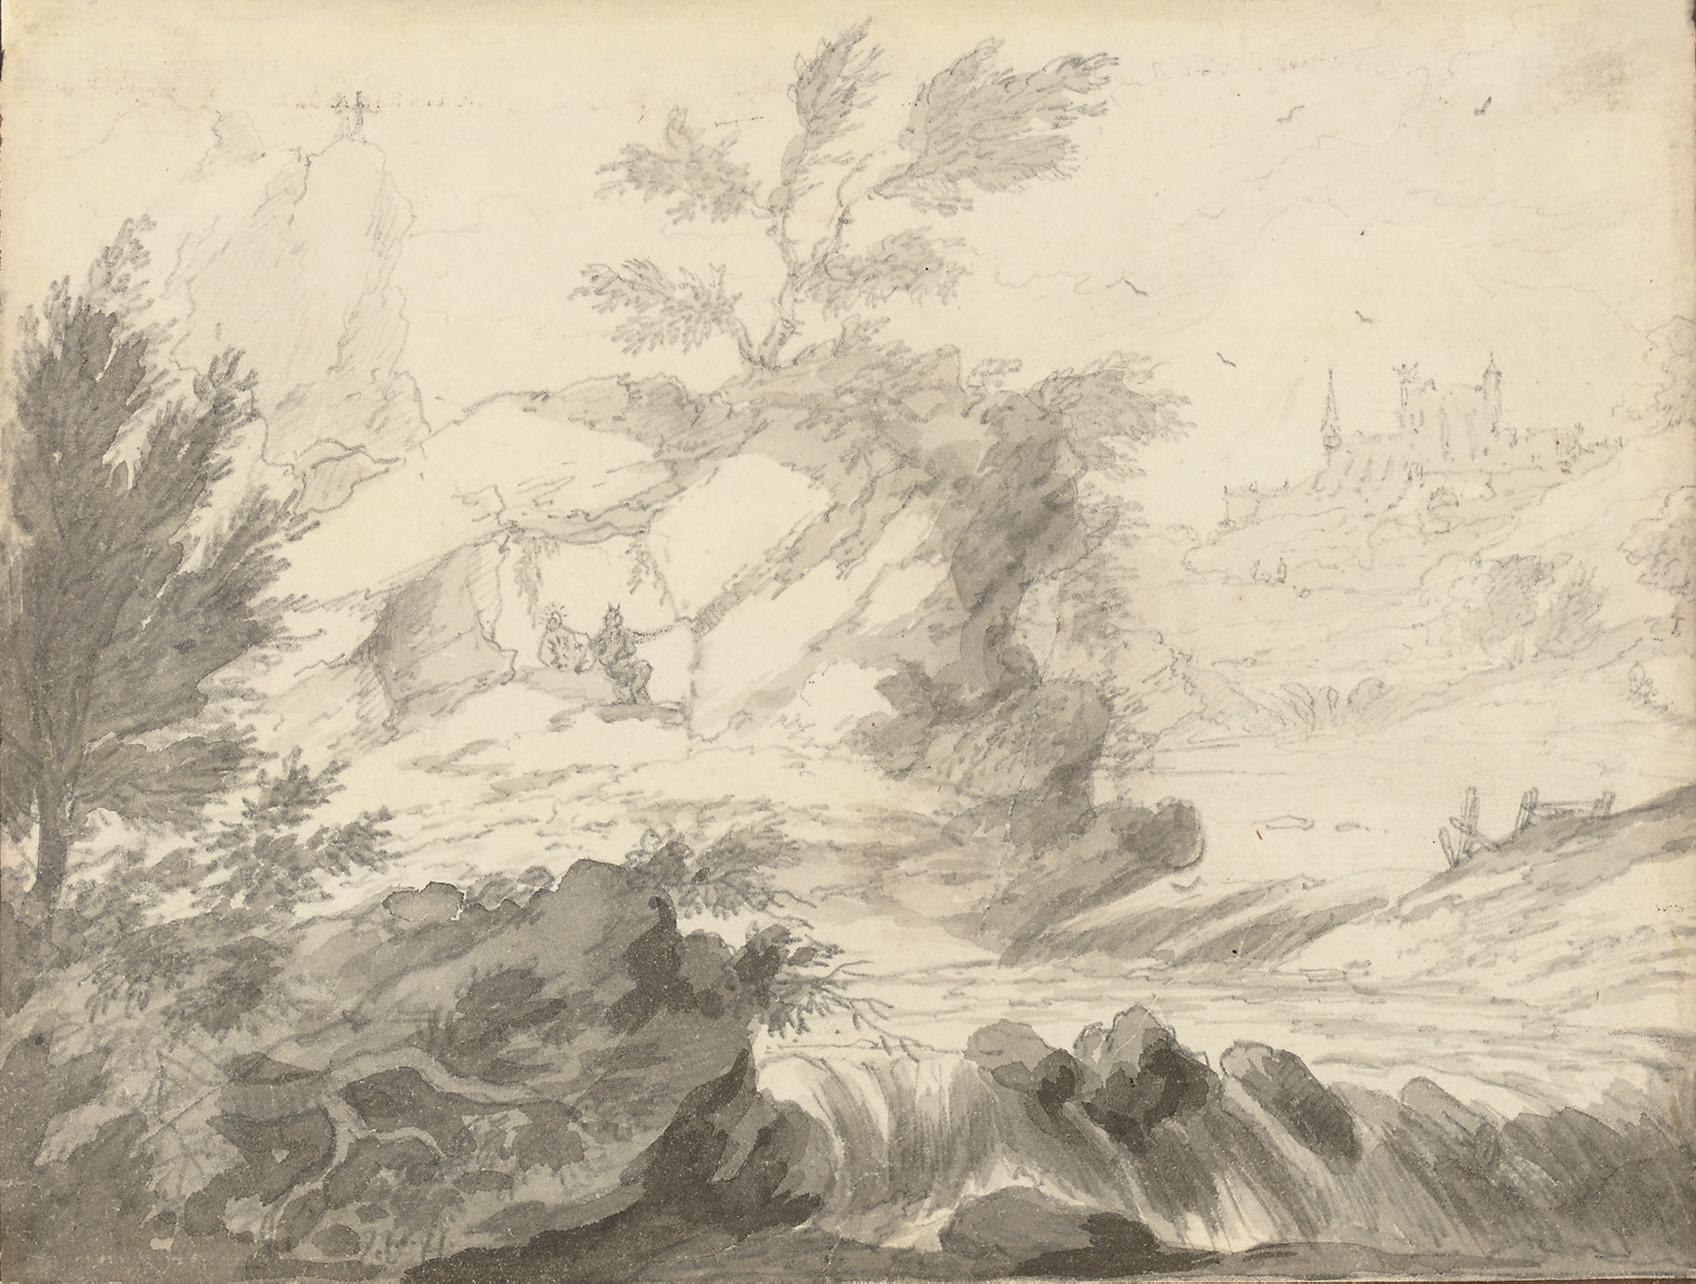 A rocky river landscape